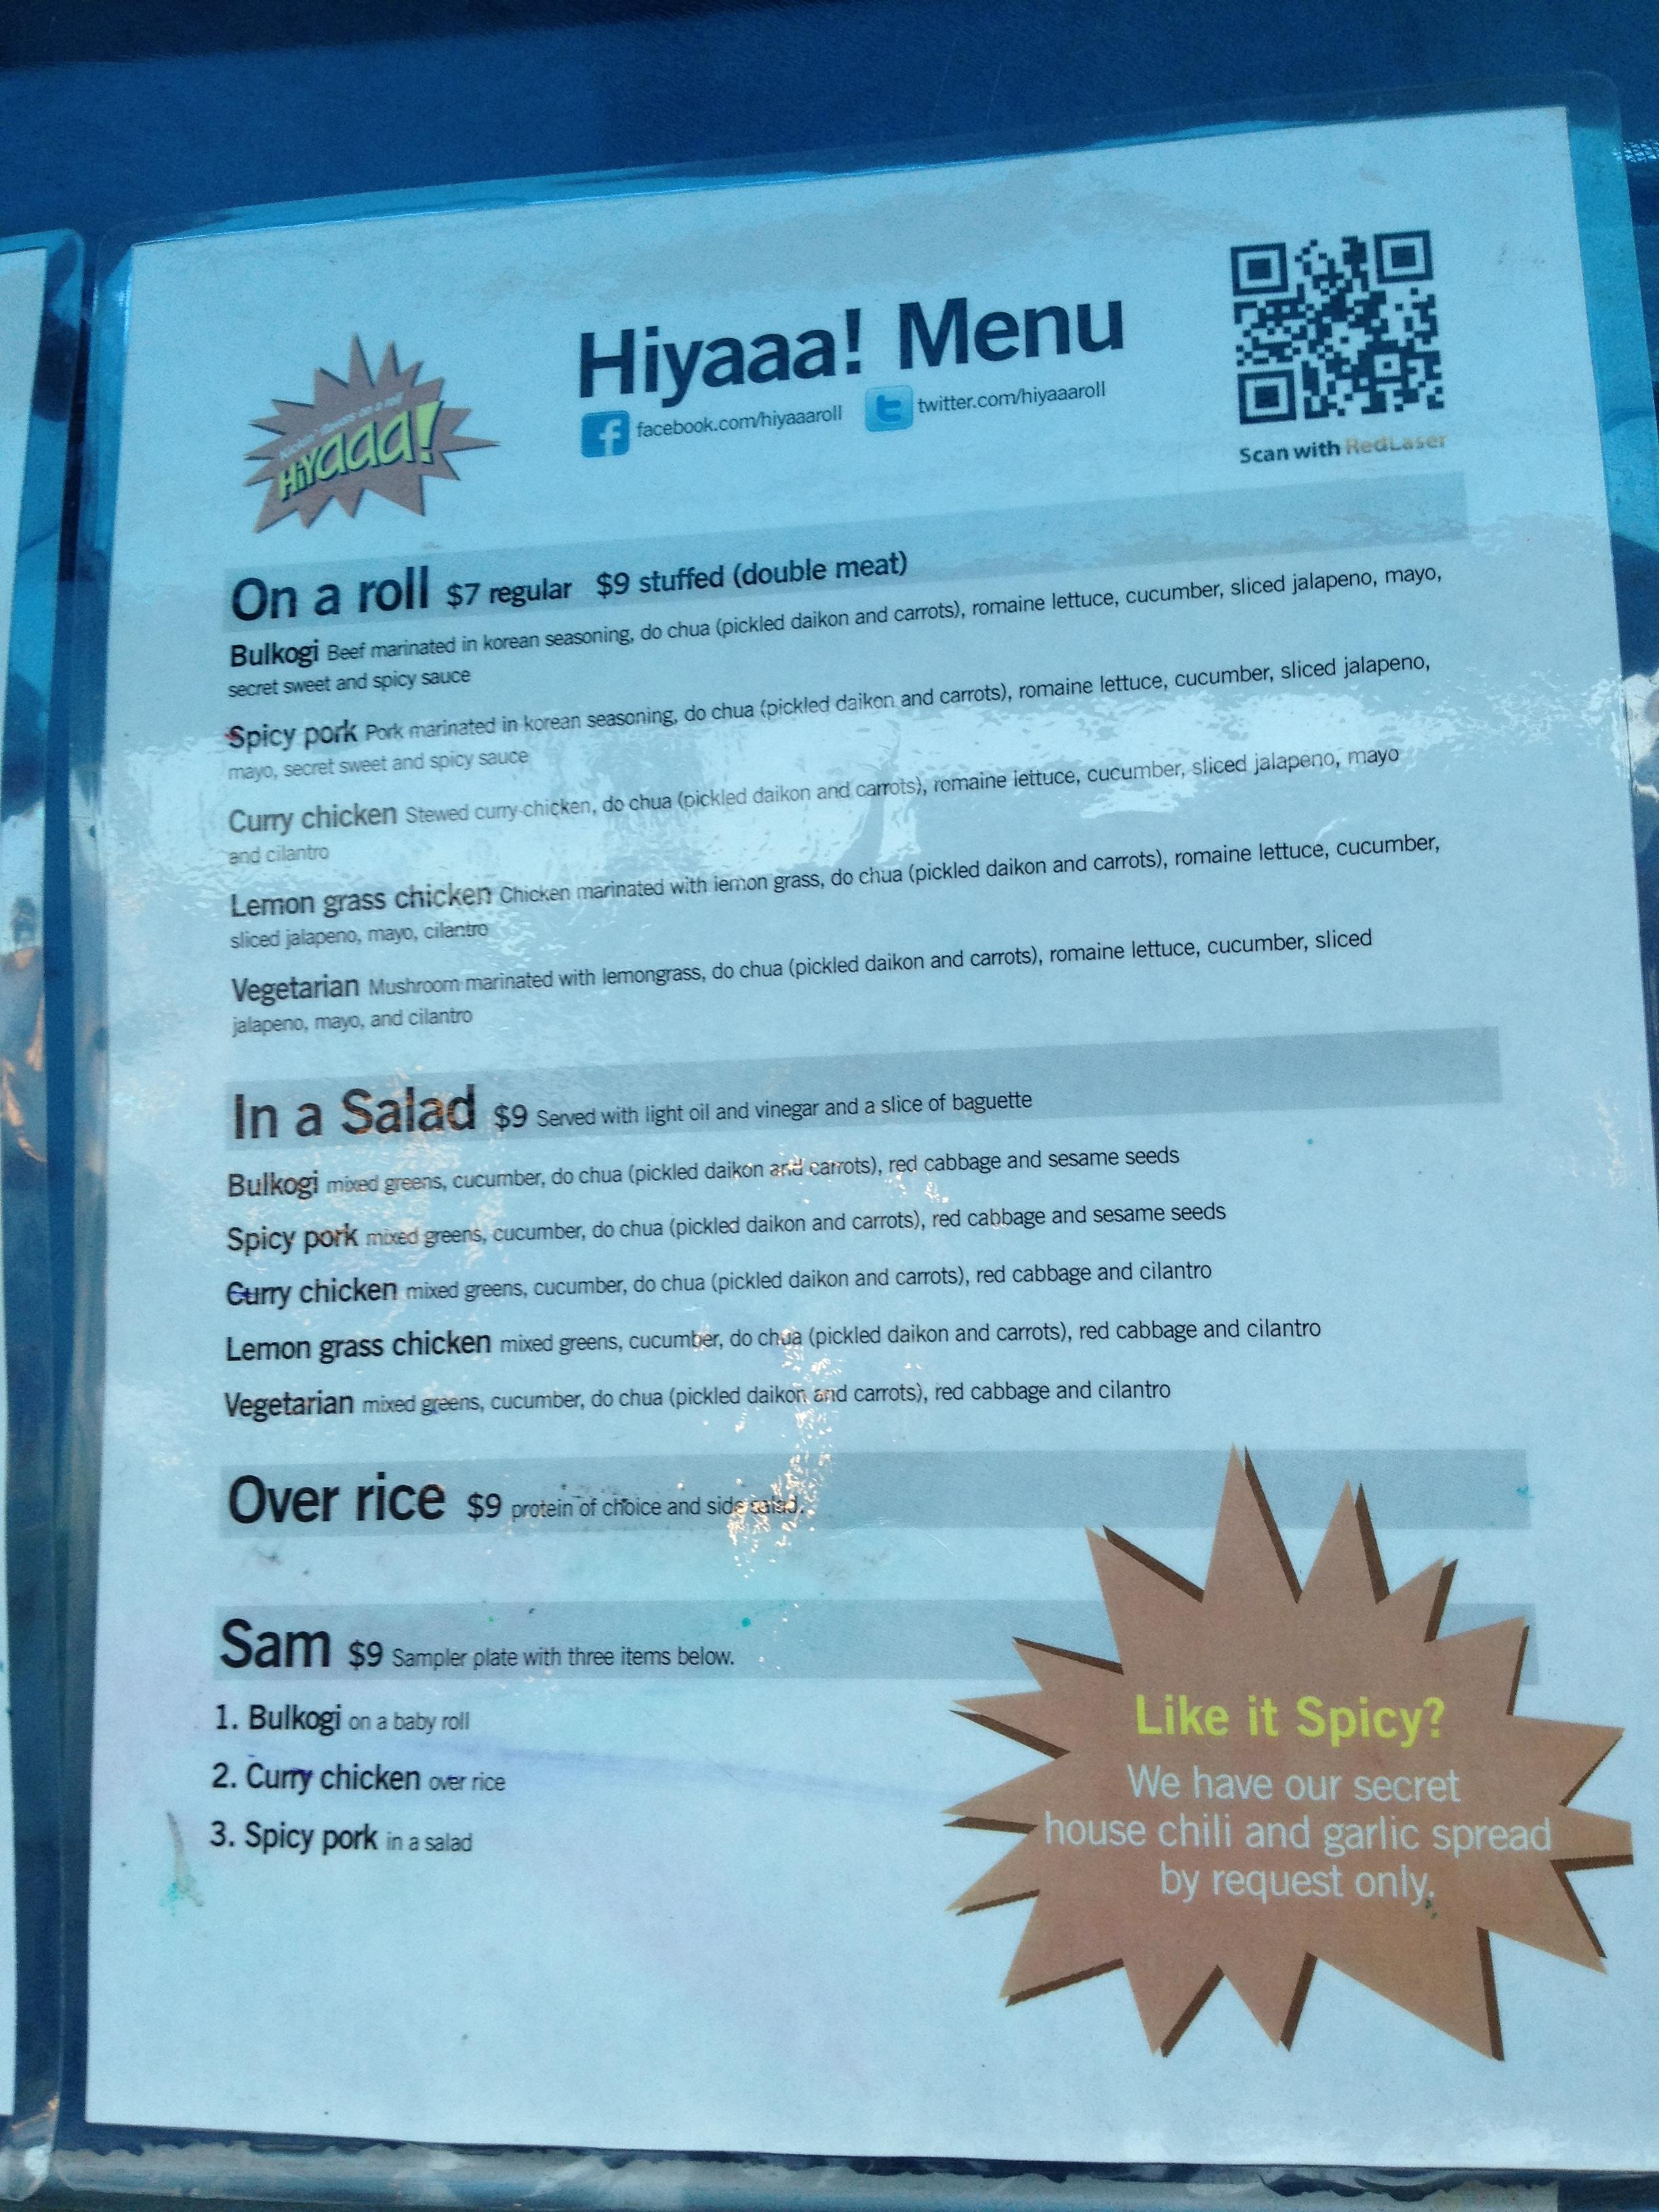 Hiyaaa Food Truck Twitter